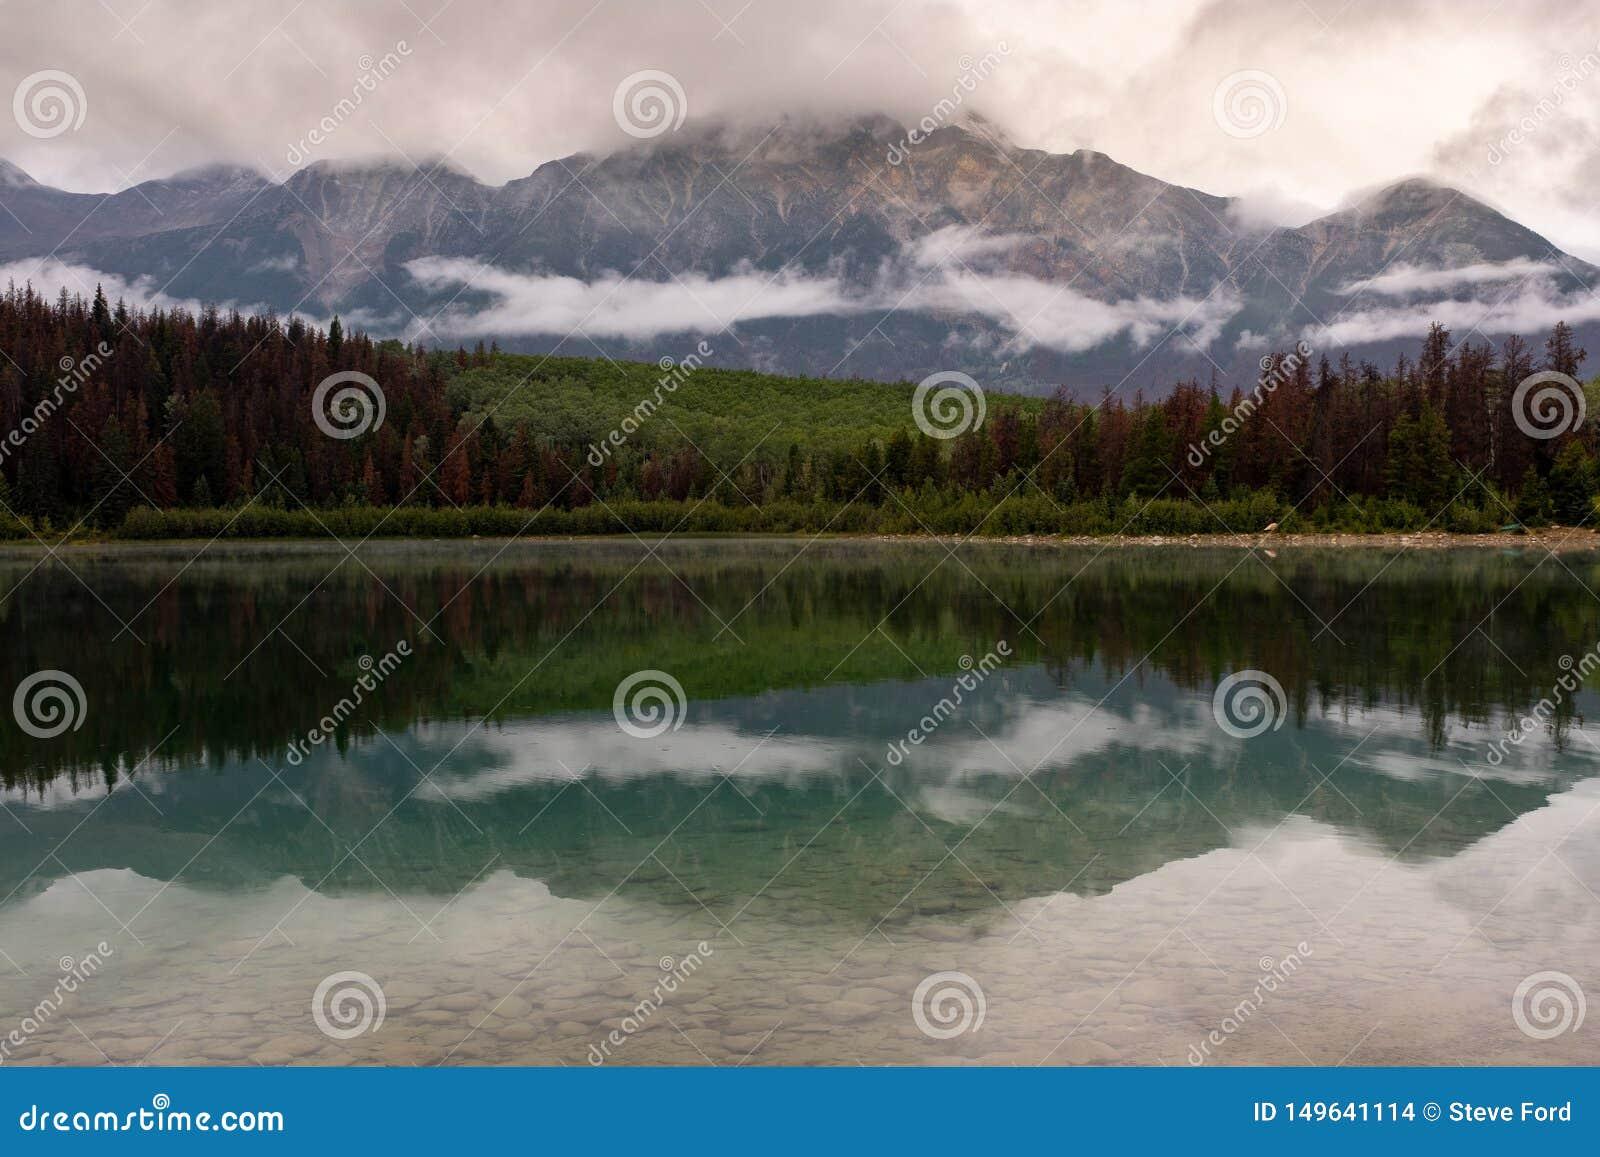 La réflexion de la gamme de forêt et de montagne en regardant à travers le lac pyramid en Jasper National Park, Alberta, Canada,